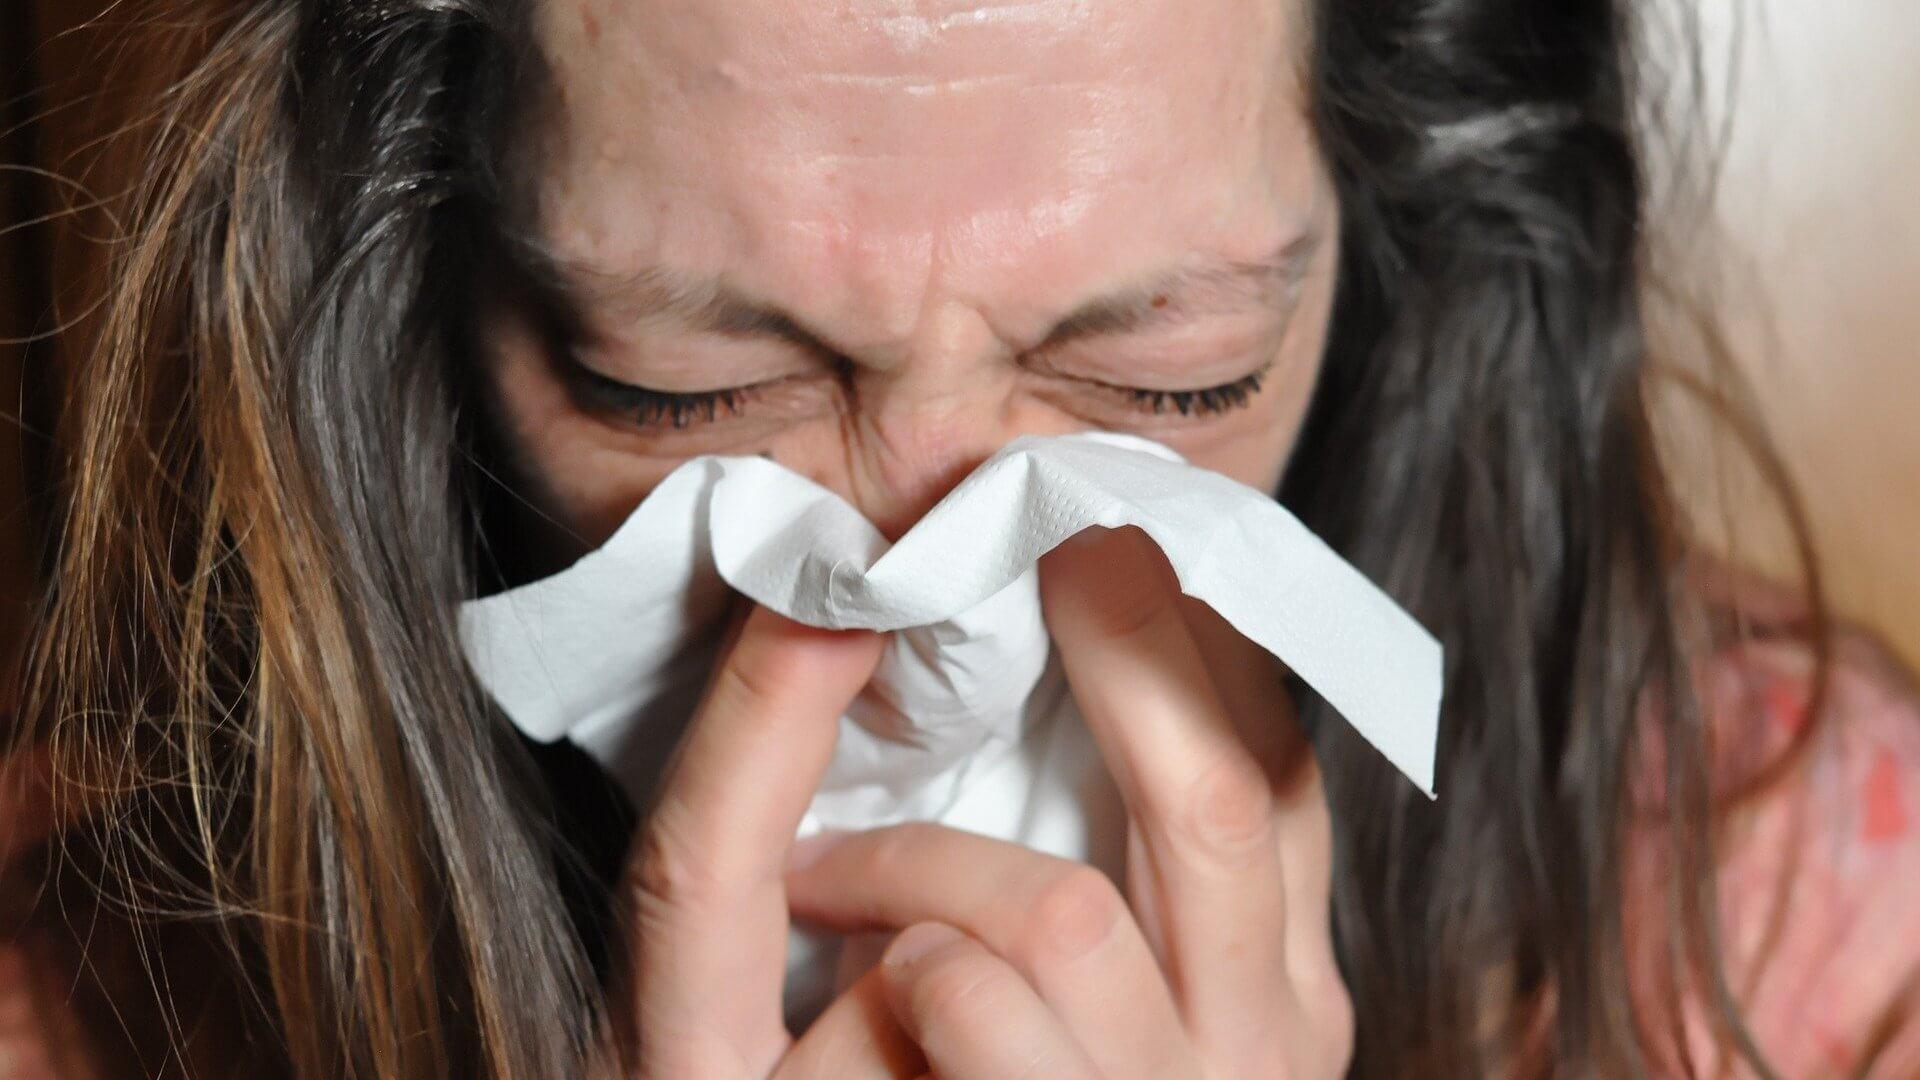 Nein, die WHO hat nicht bestätigt, dass Covid-19 weniger schlimm als eine Grippe sei